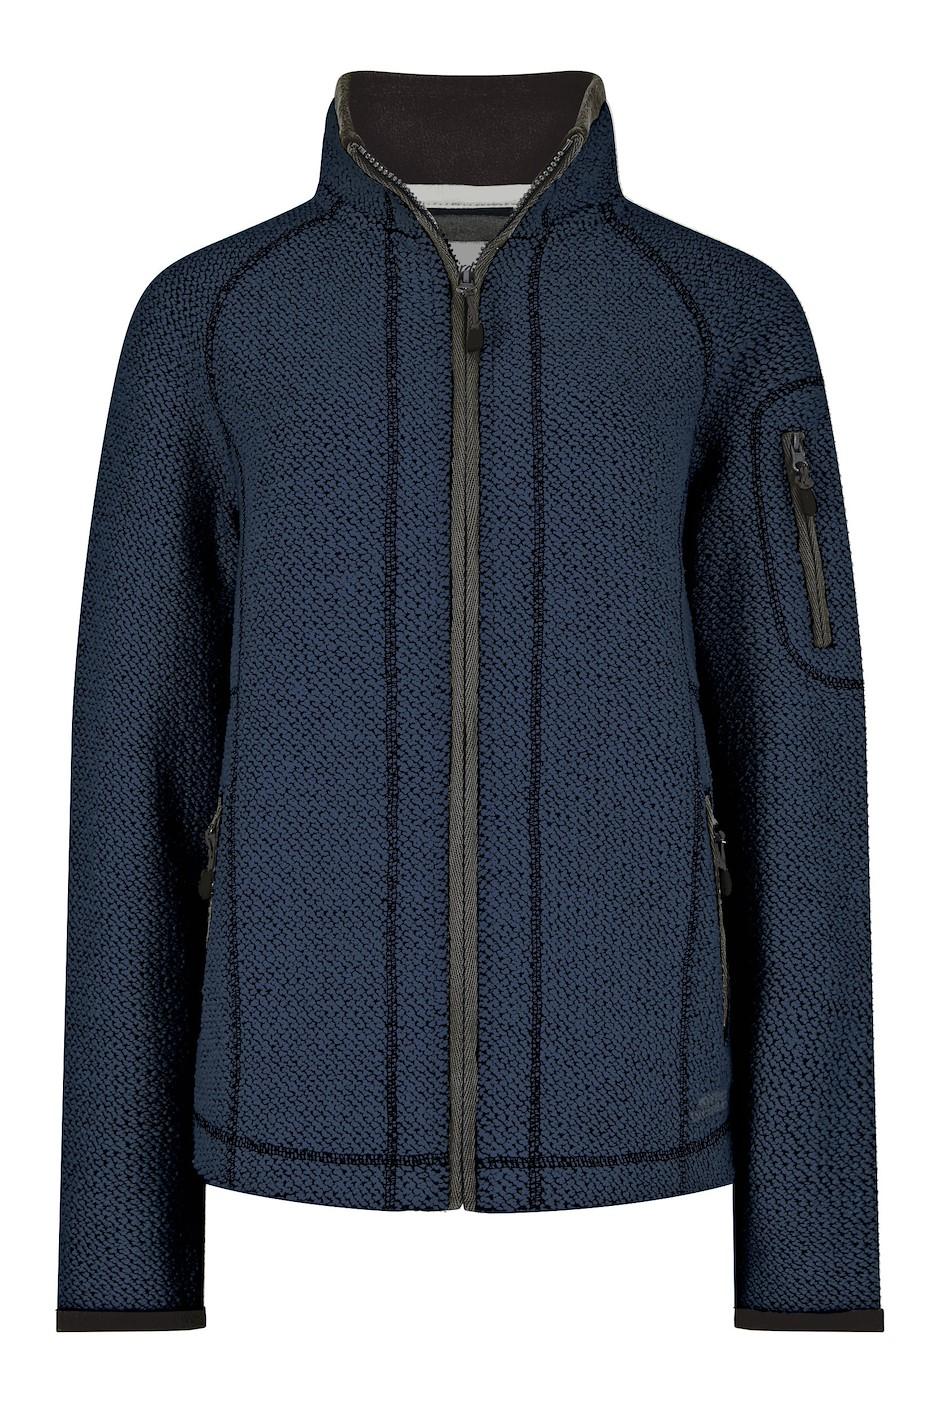 Hilltop Full Zip Macaroni Sweatshirt Dark Navy